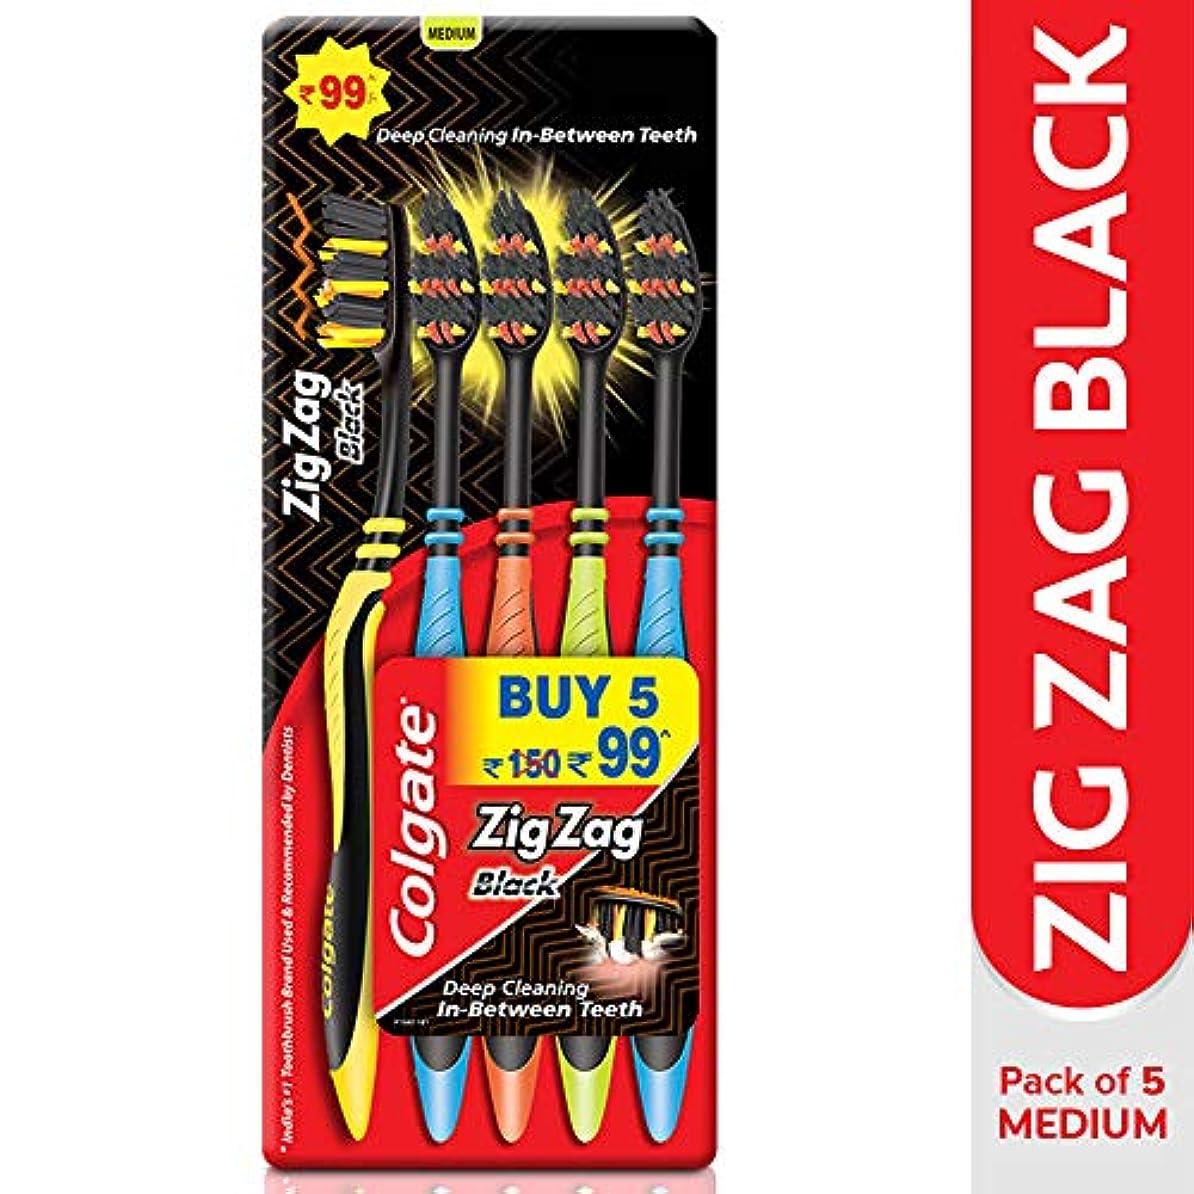 貪欲罰重要な役割を果たす、中心的な手段となるColgate Zig Zag Black Bristle Toothbrush